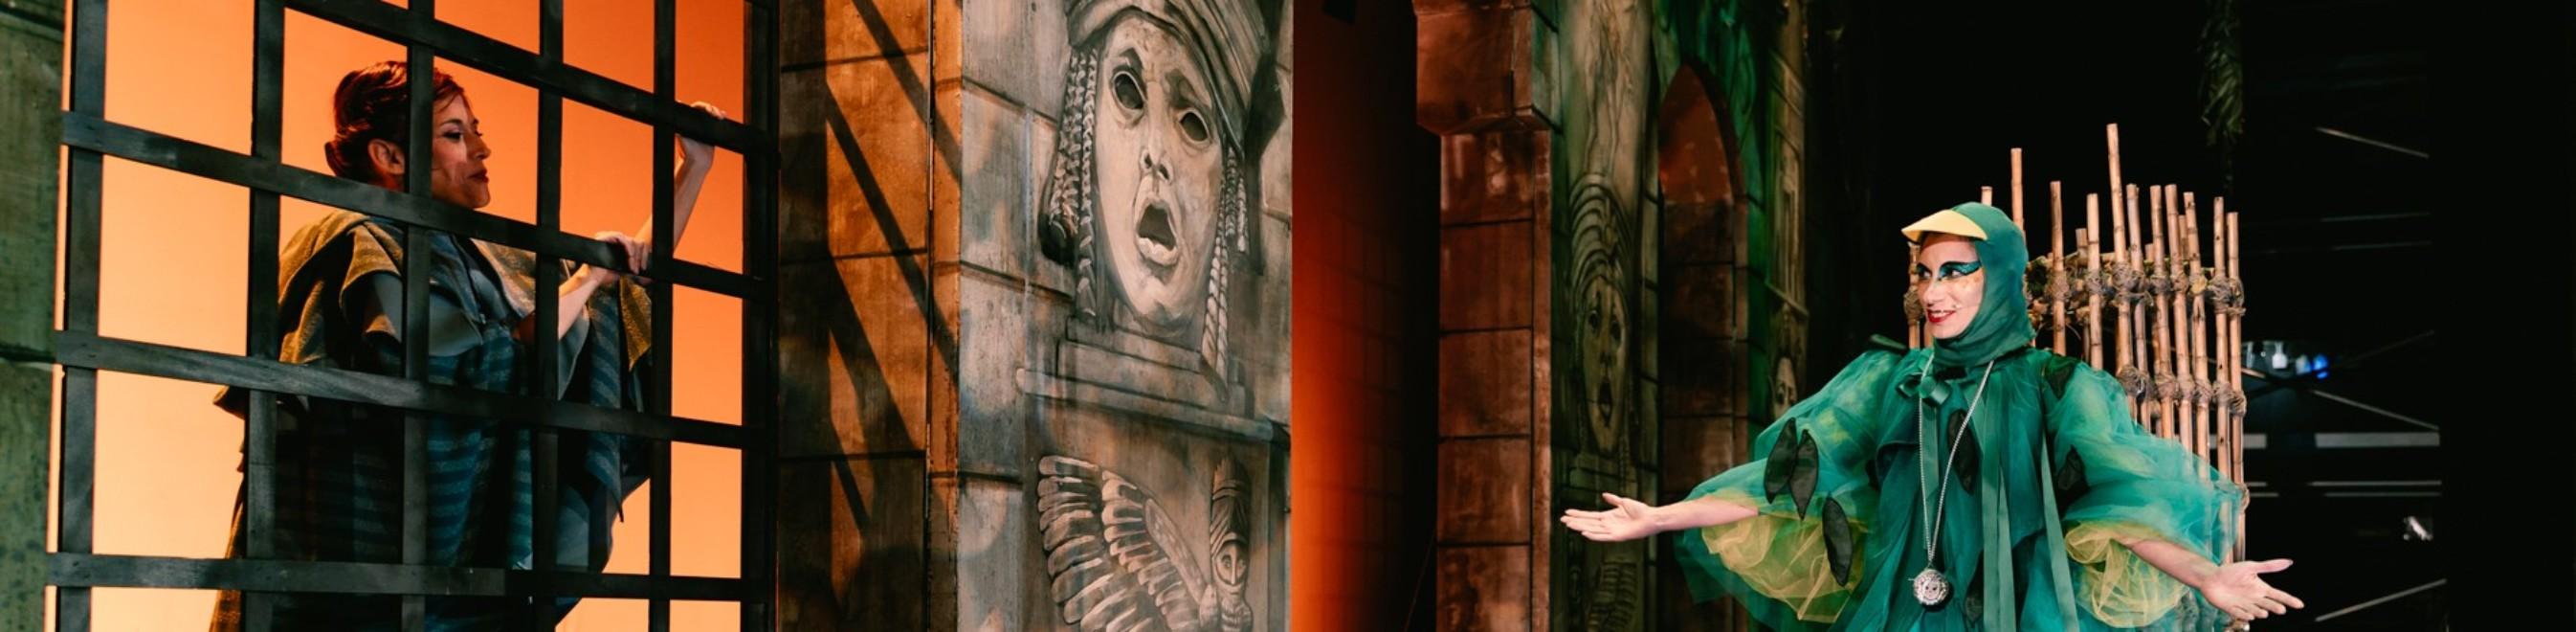 9/01 - Opera Box: IL FLAUTO MAGICO di W.A.Mozart